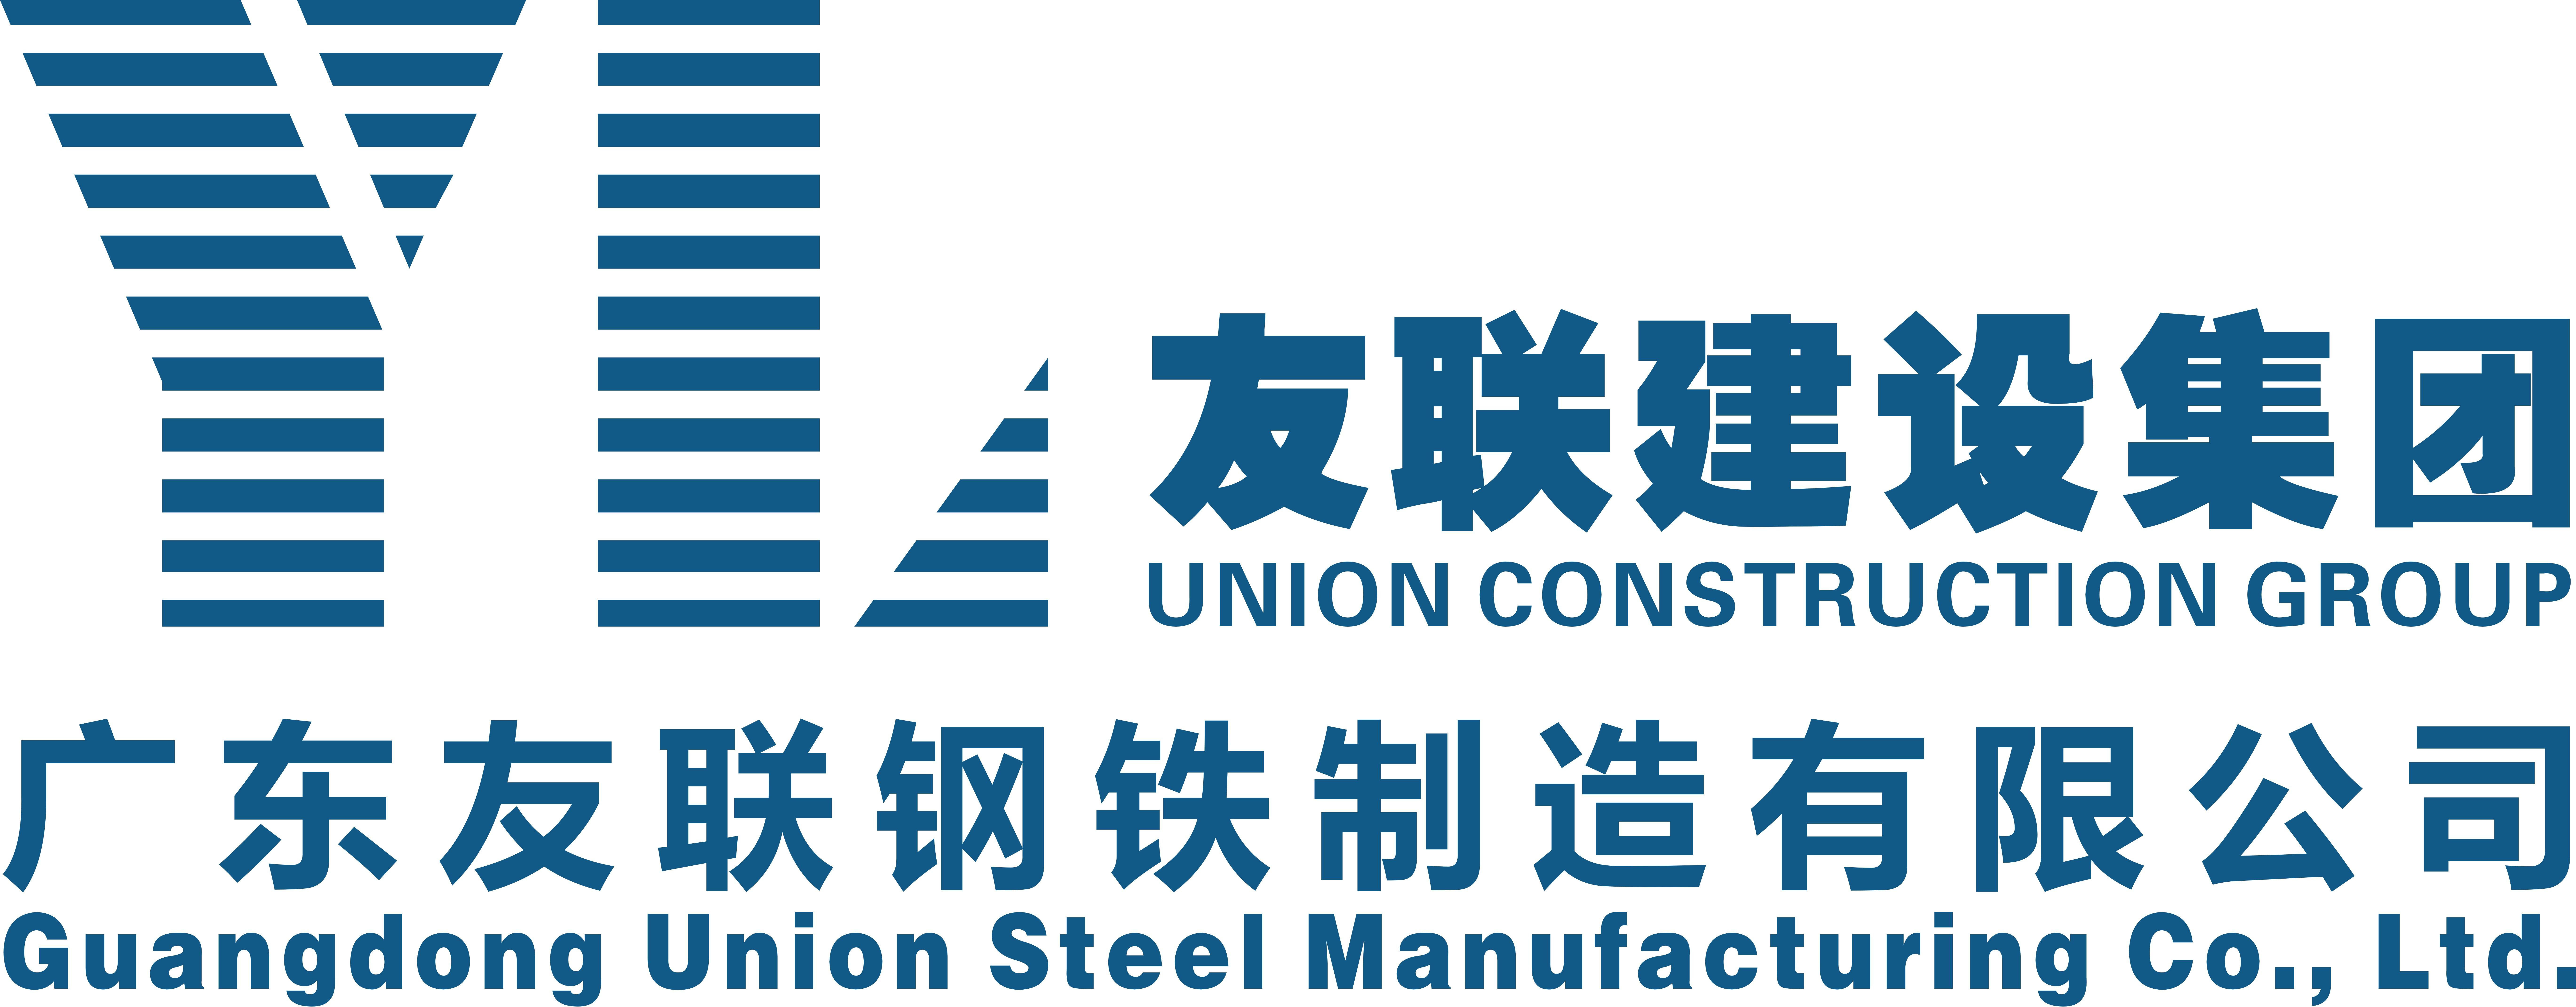 广东友联钢铁制造有限公司